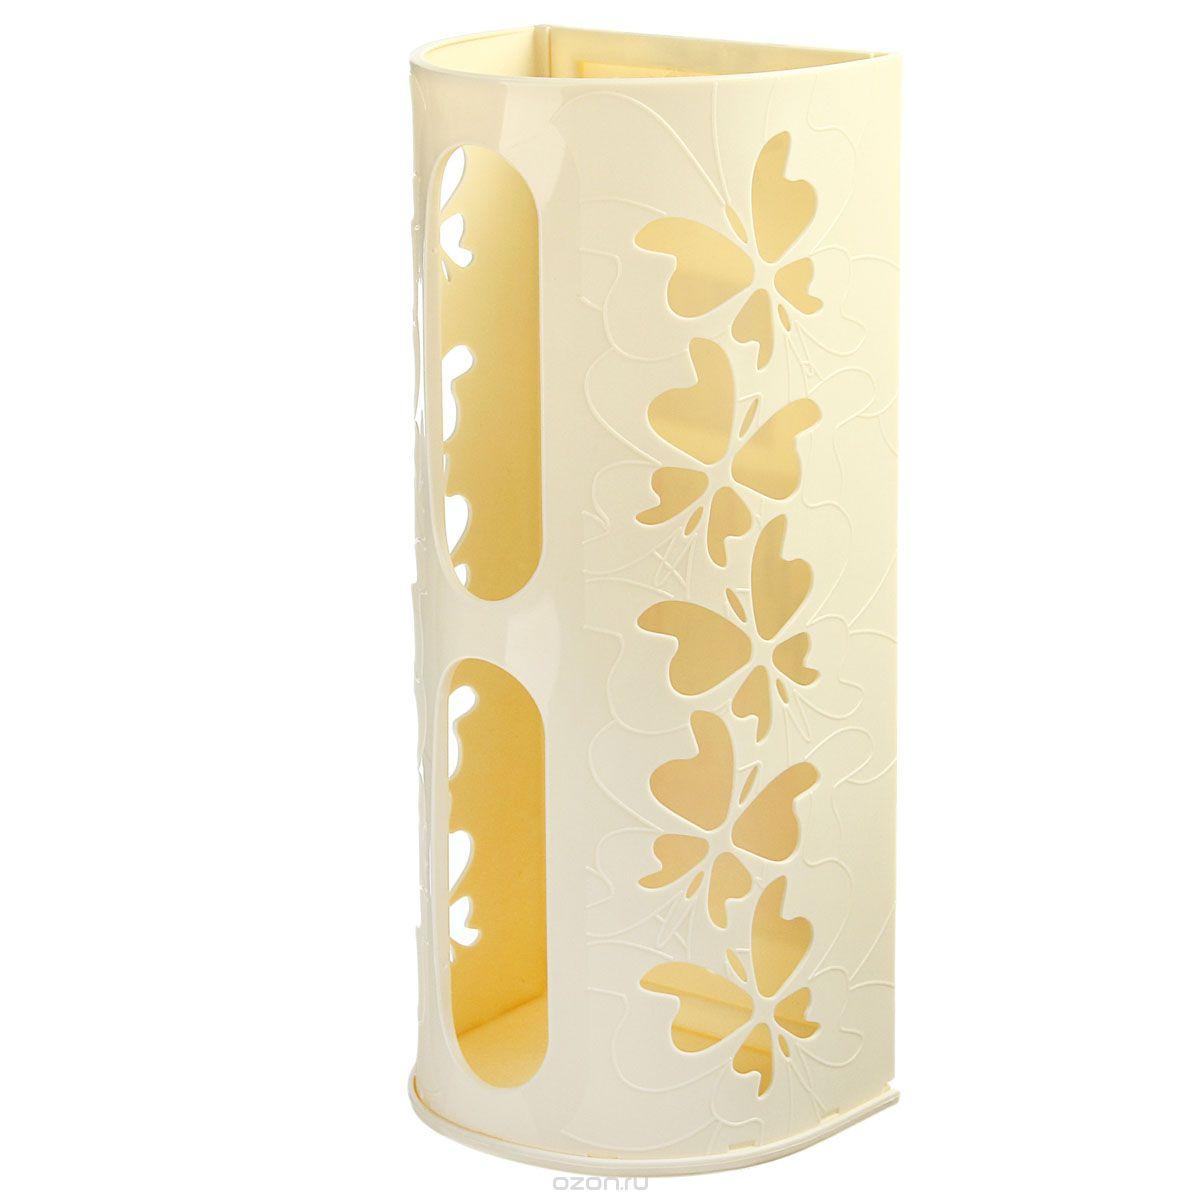 Корзина для пакетов Berossi Fly, цвет: слоновая кость, 16 х 13 х 37,5 смИК10333000Корзина Berossi Fly выполнена из пластика и предназначена для хранения пакетов. Изделие декорировано перфорацией в виде бабочек и крепится к стене при помощи трех саморезов (входят в комплект). Корзина легко собирается и разбирается. Имеет два отверстия, из которых удобно вынимать пакеты. Корзина Berossi Fly позволяет хранить пакеты в одном месте. Размер корзины (в собранном виде): 16 см х 13 см х 37,5 см.